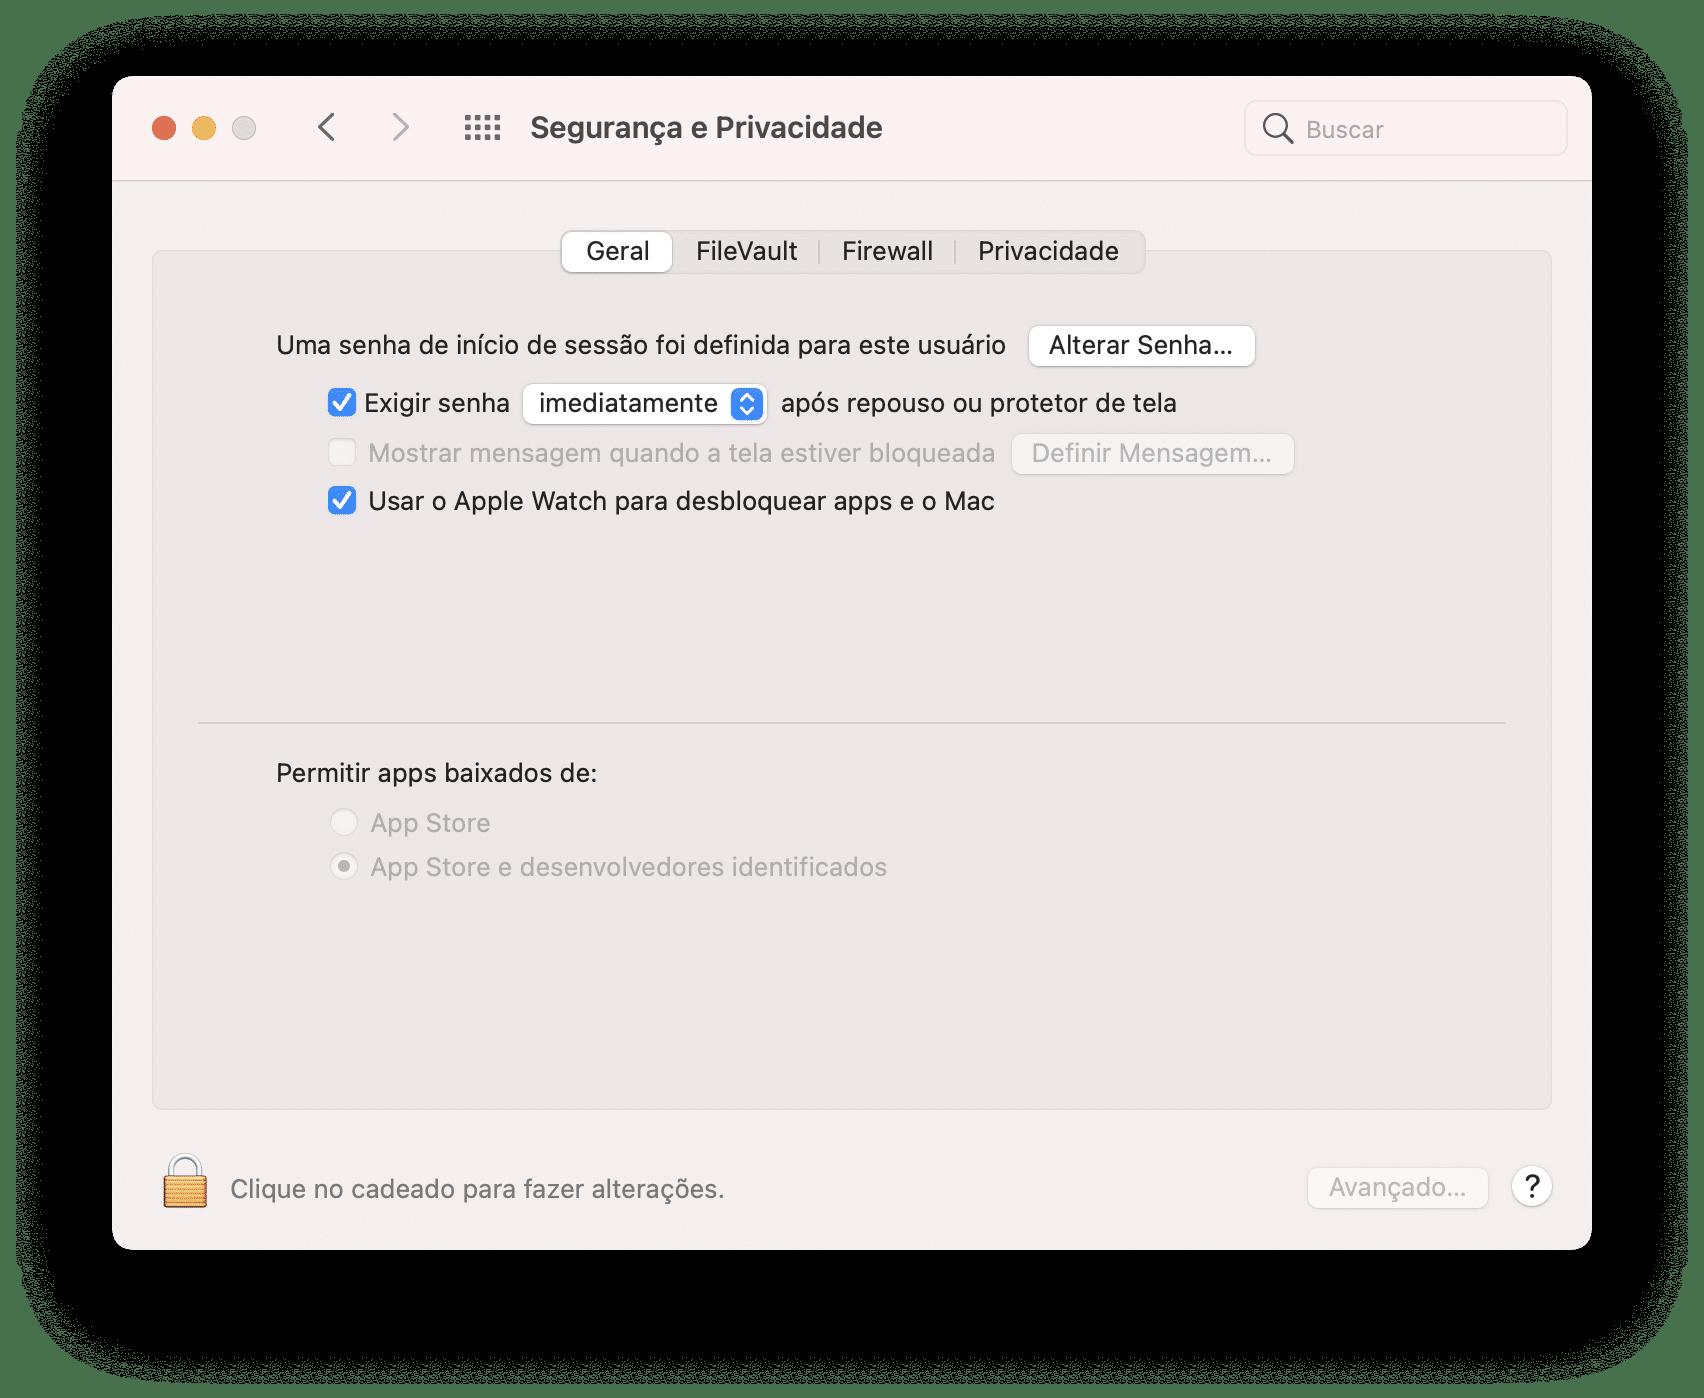 Desbloqueando o Mac com o Apple Watch